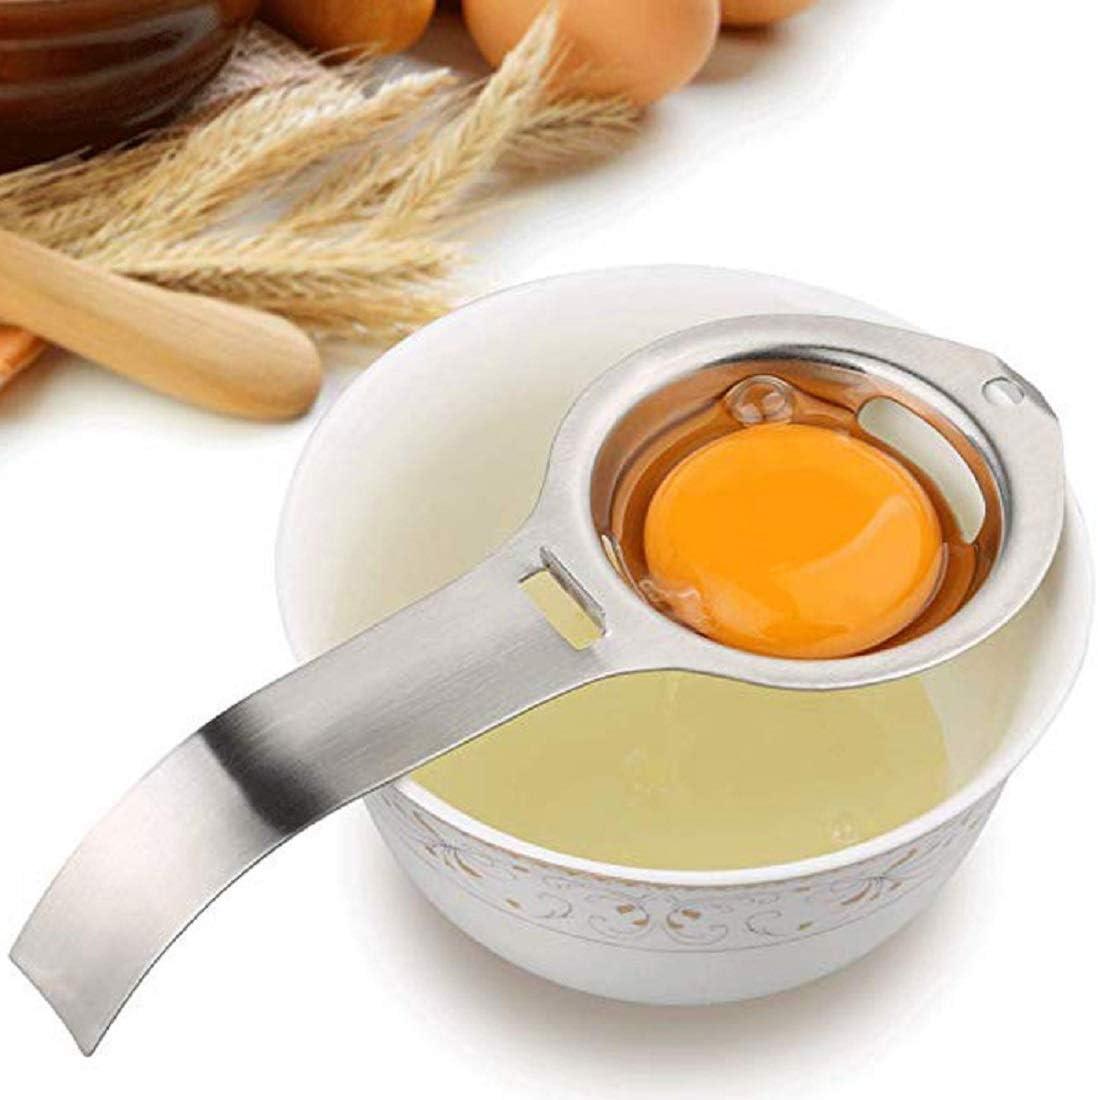 Tierform Yolk Divider Egg Extractor F/ür K/üche Frosch Silikon-Ei-Separator Squeeze Zonfer 1pc Squeezy-Ei-Separator